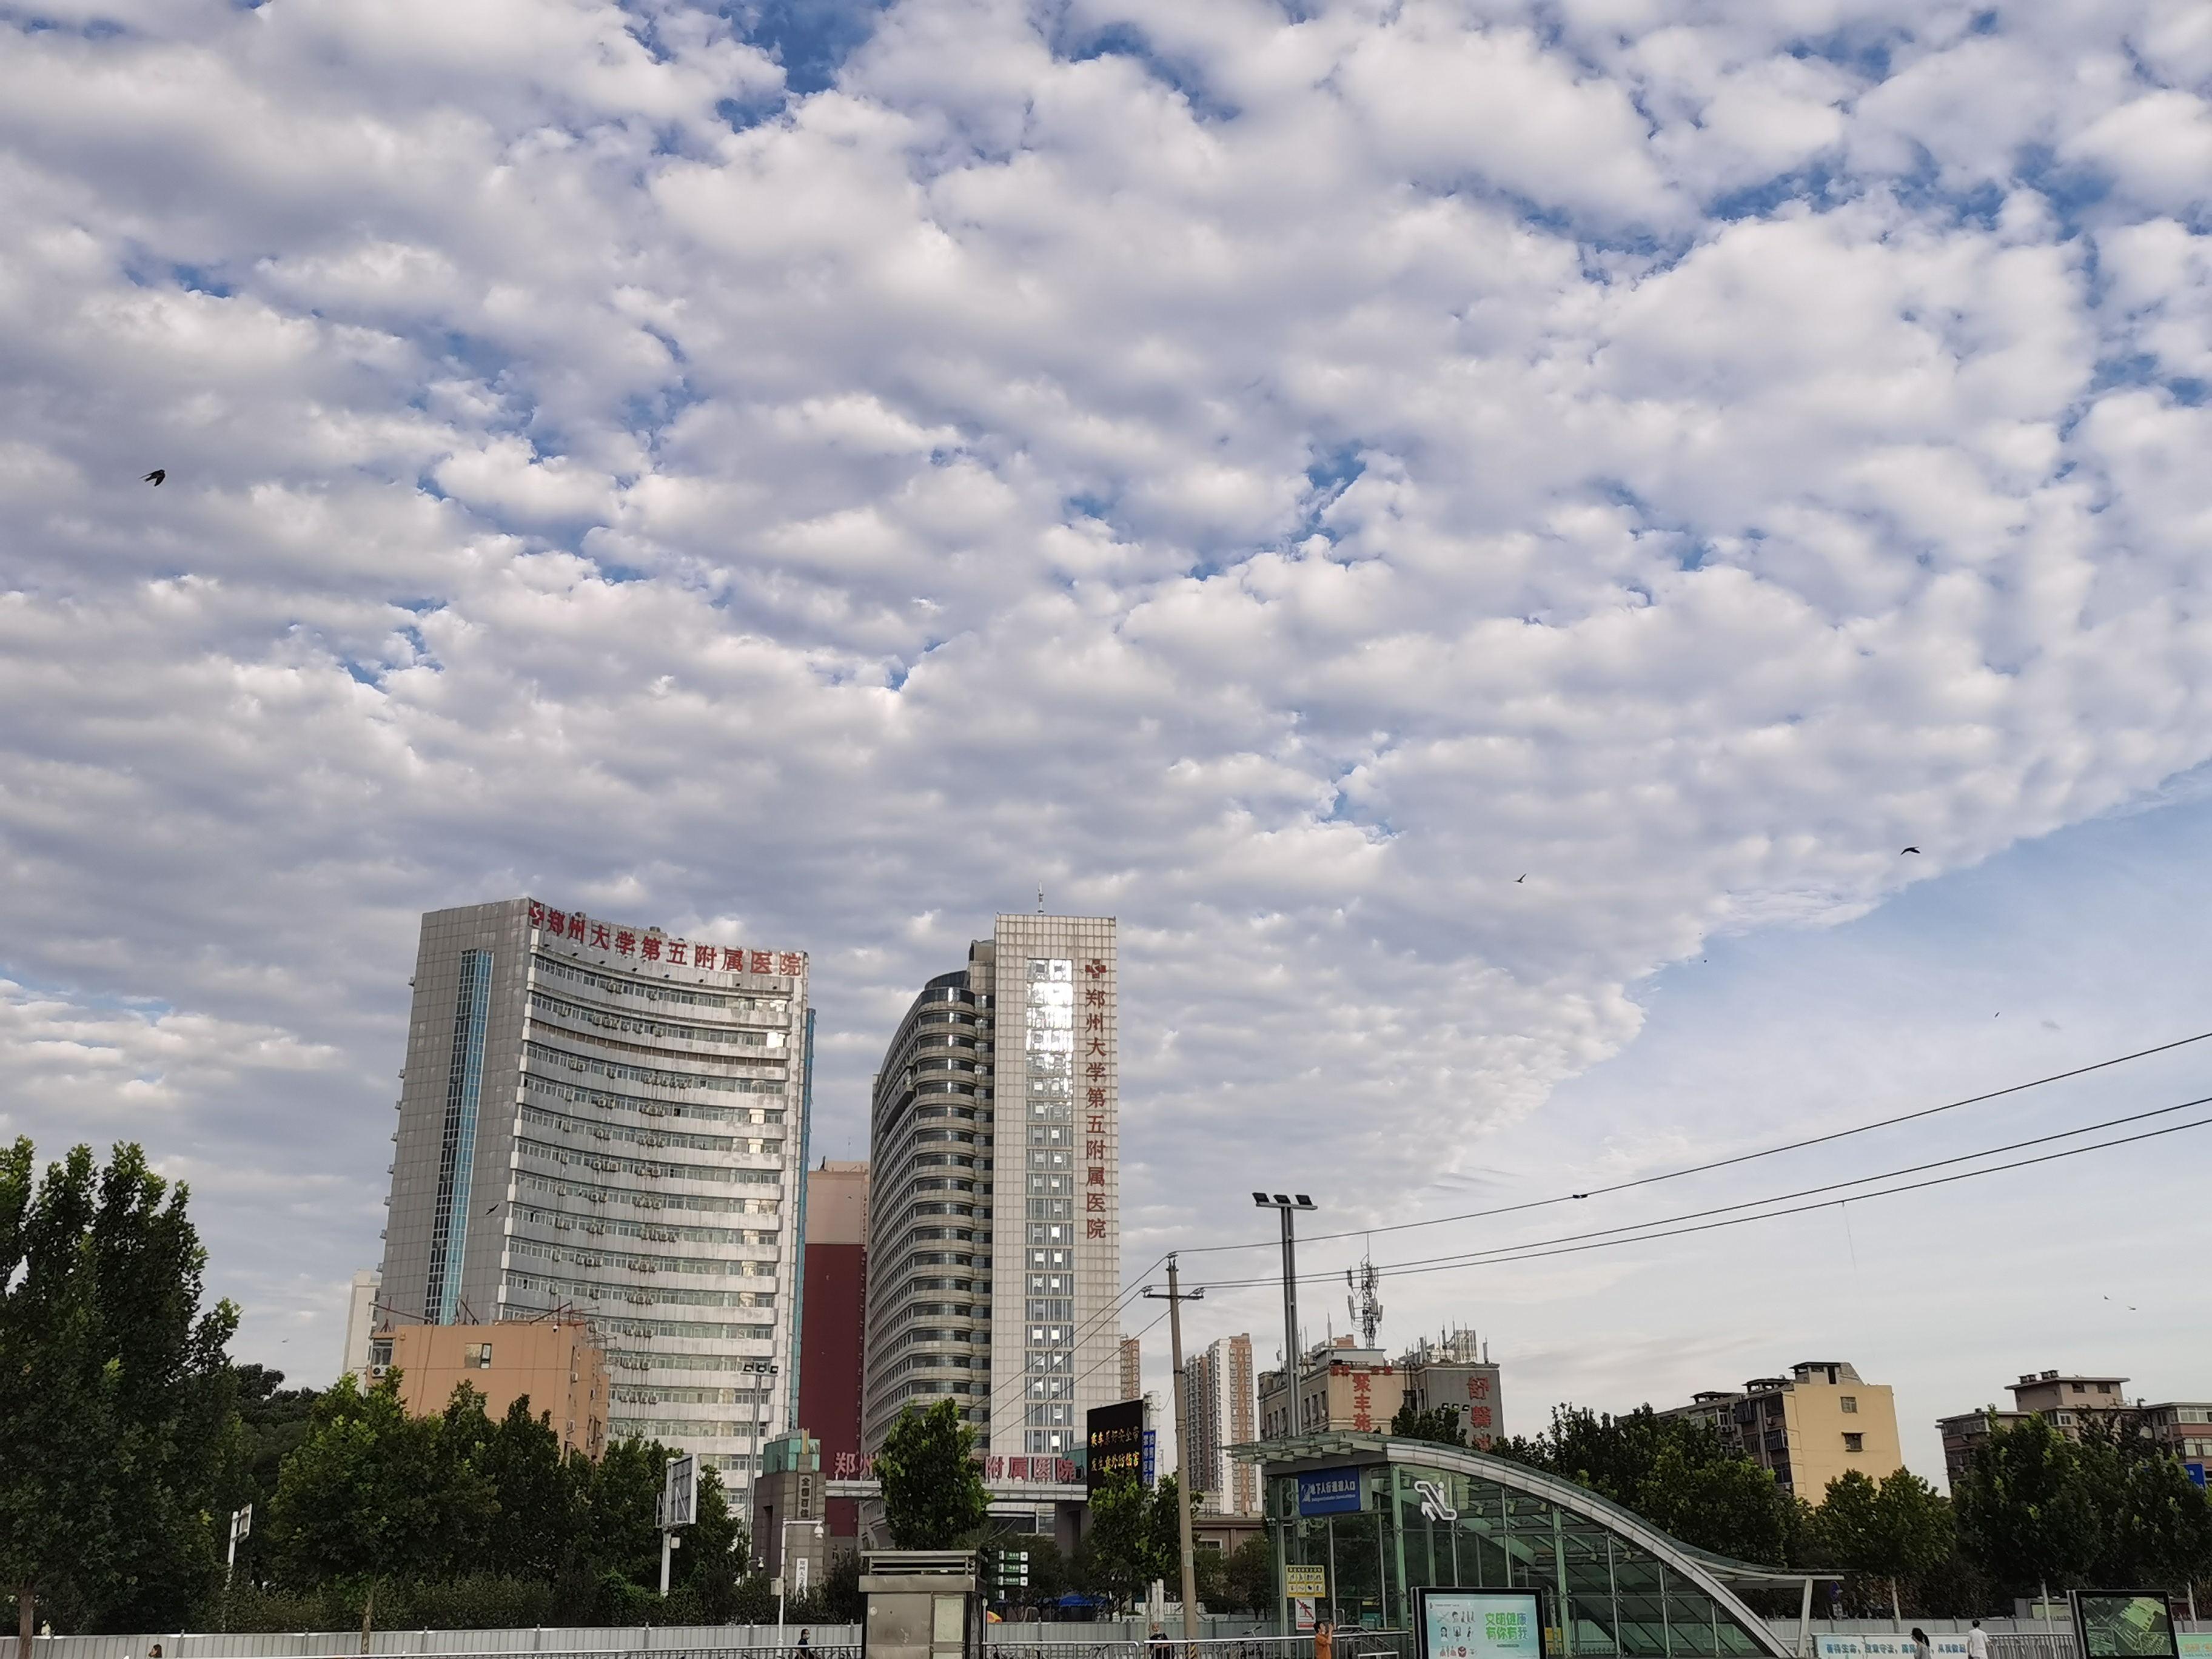 广州白云区居住用地更会注重各种生活配套的建设和完善